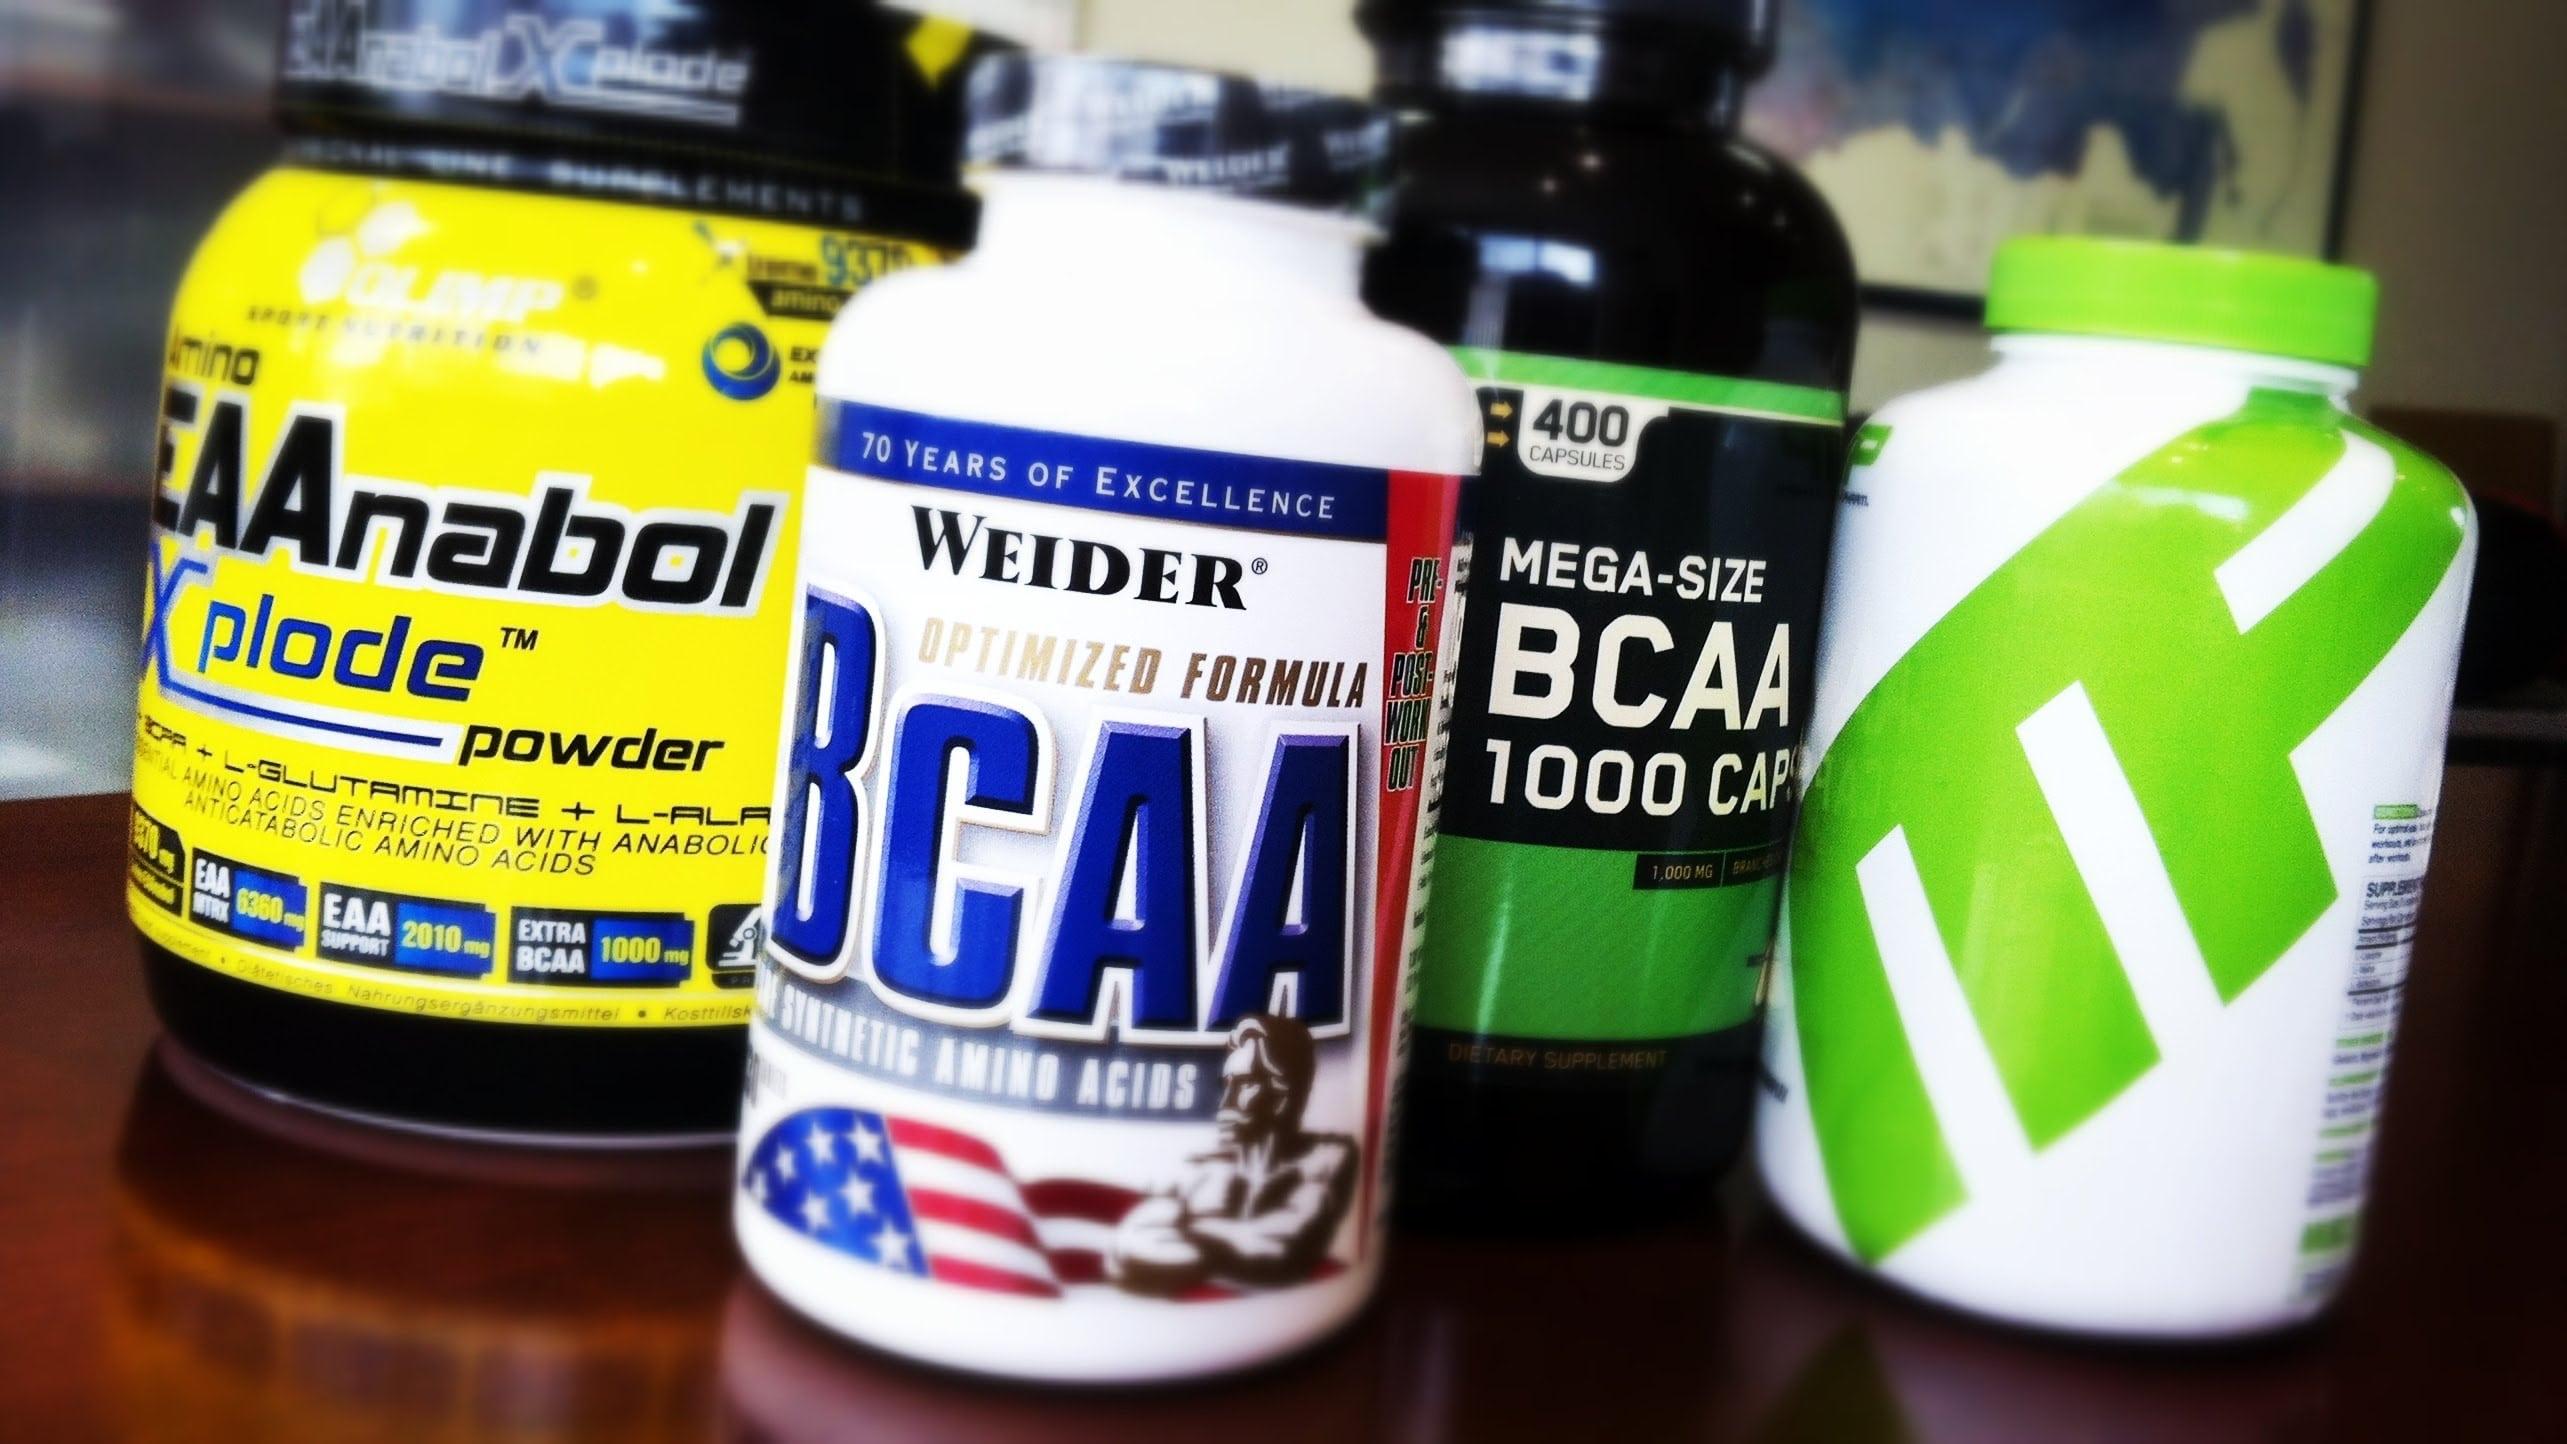 BCAA аминокислоты от разных производителей: Weider, Optimum Nutrition